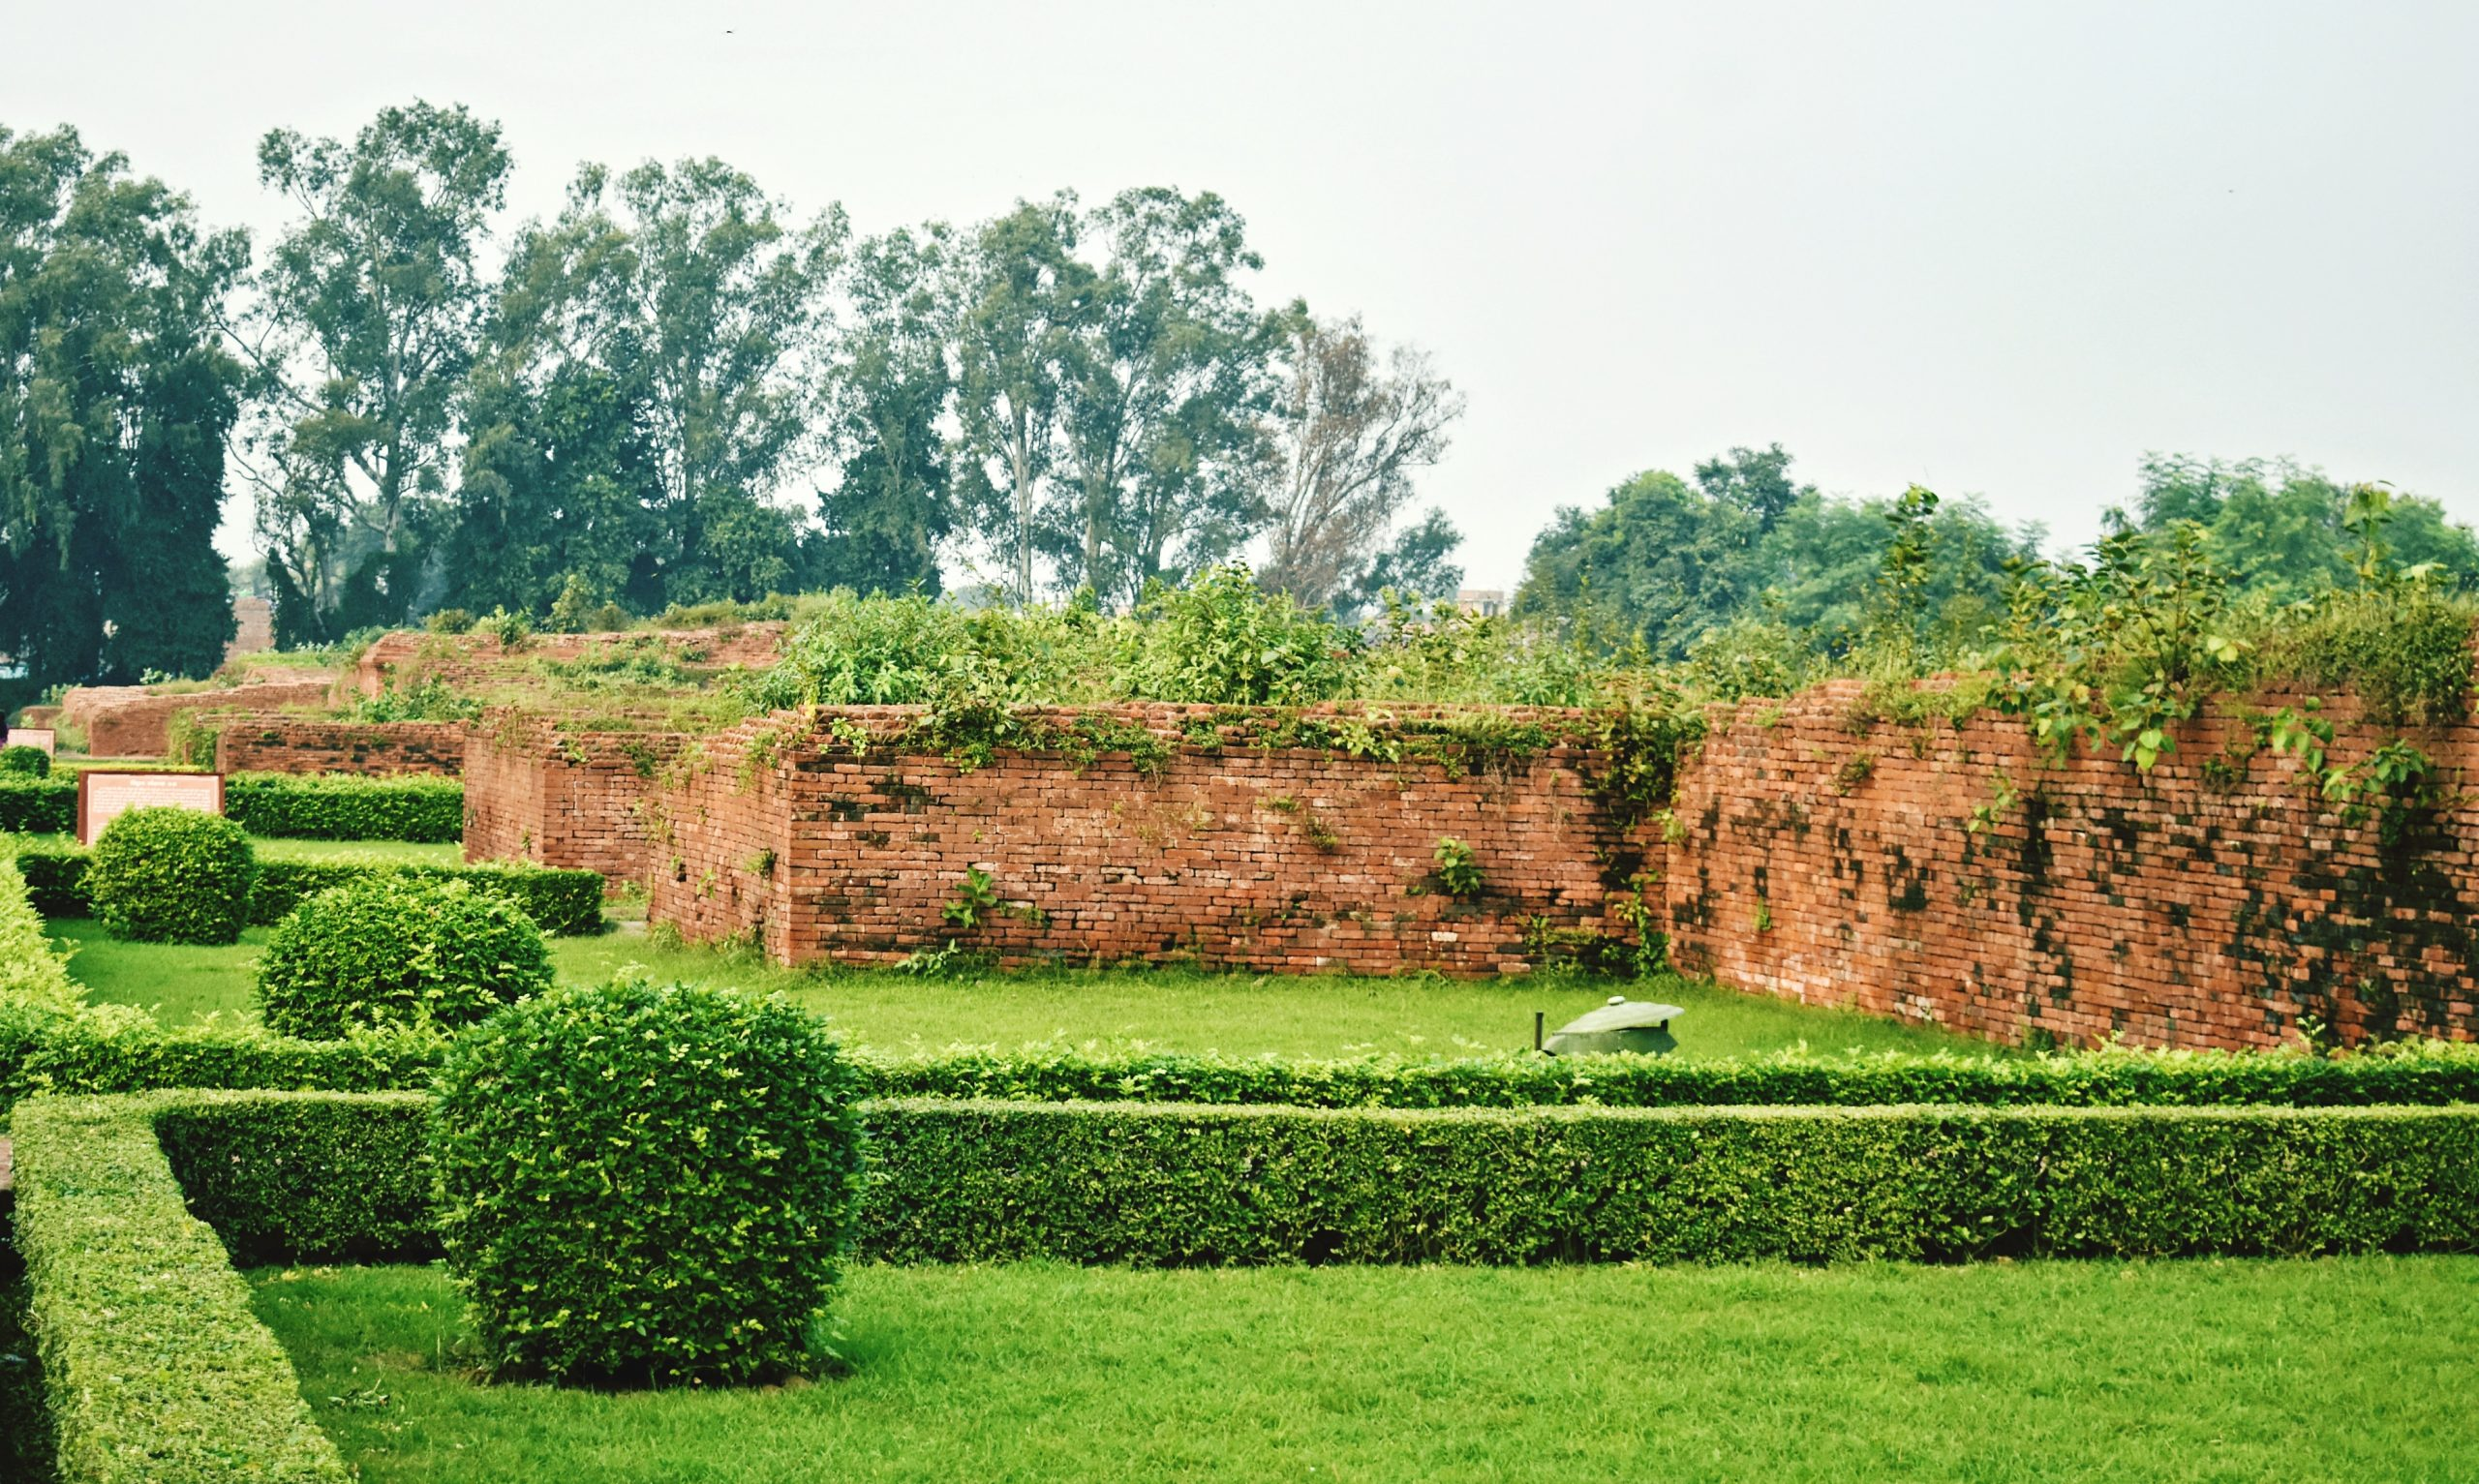 Grass Field in the garden